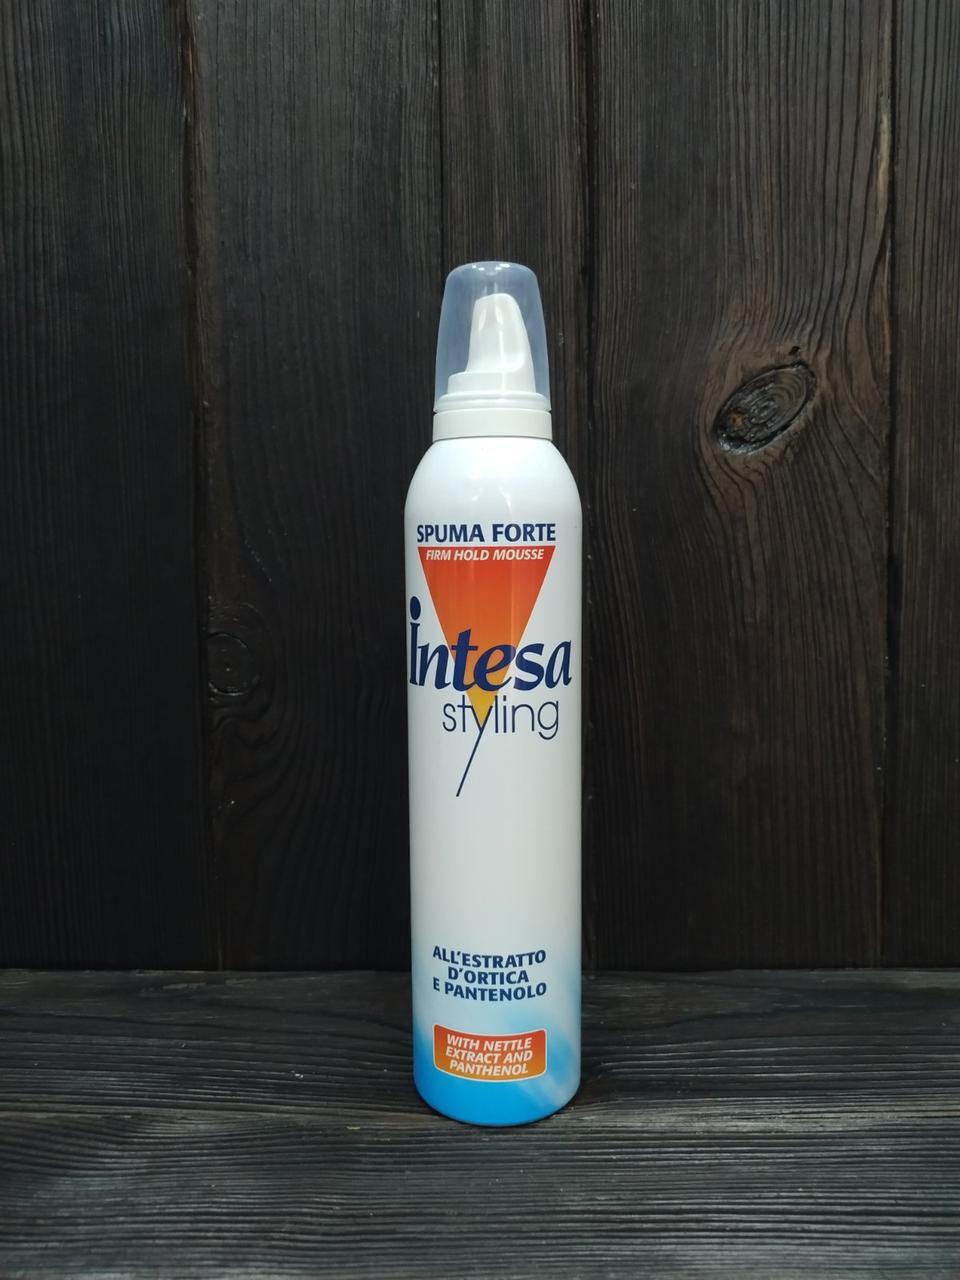 Intesa пена для волос экстрасильная фиксация 300 ml